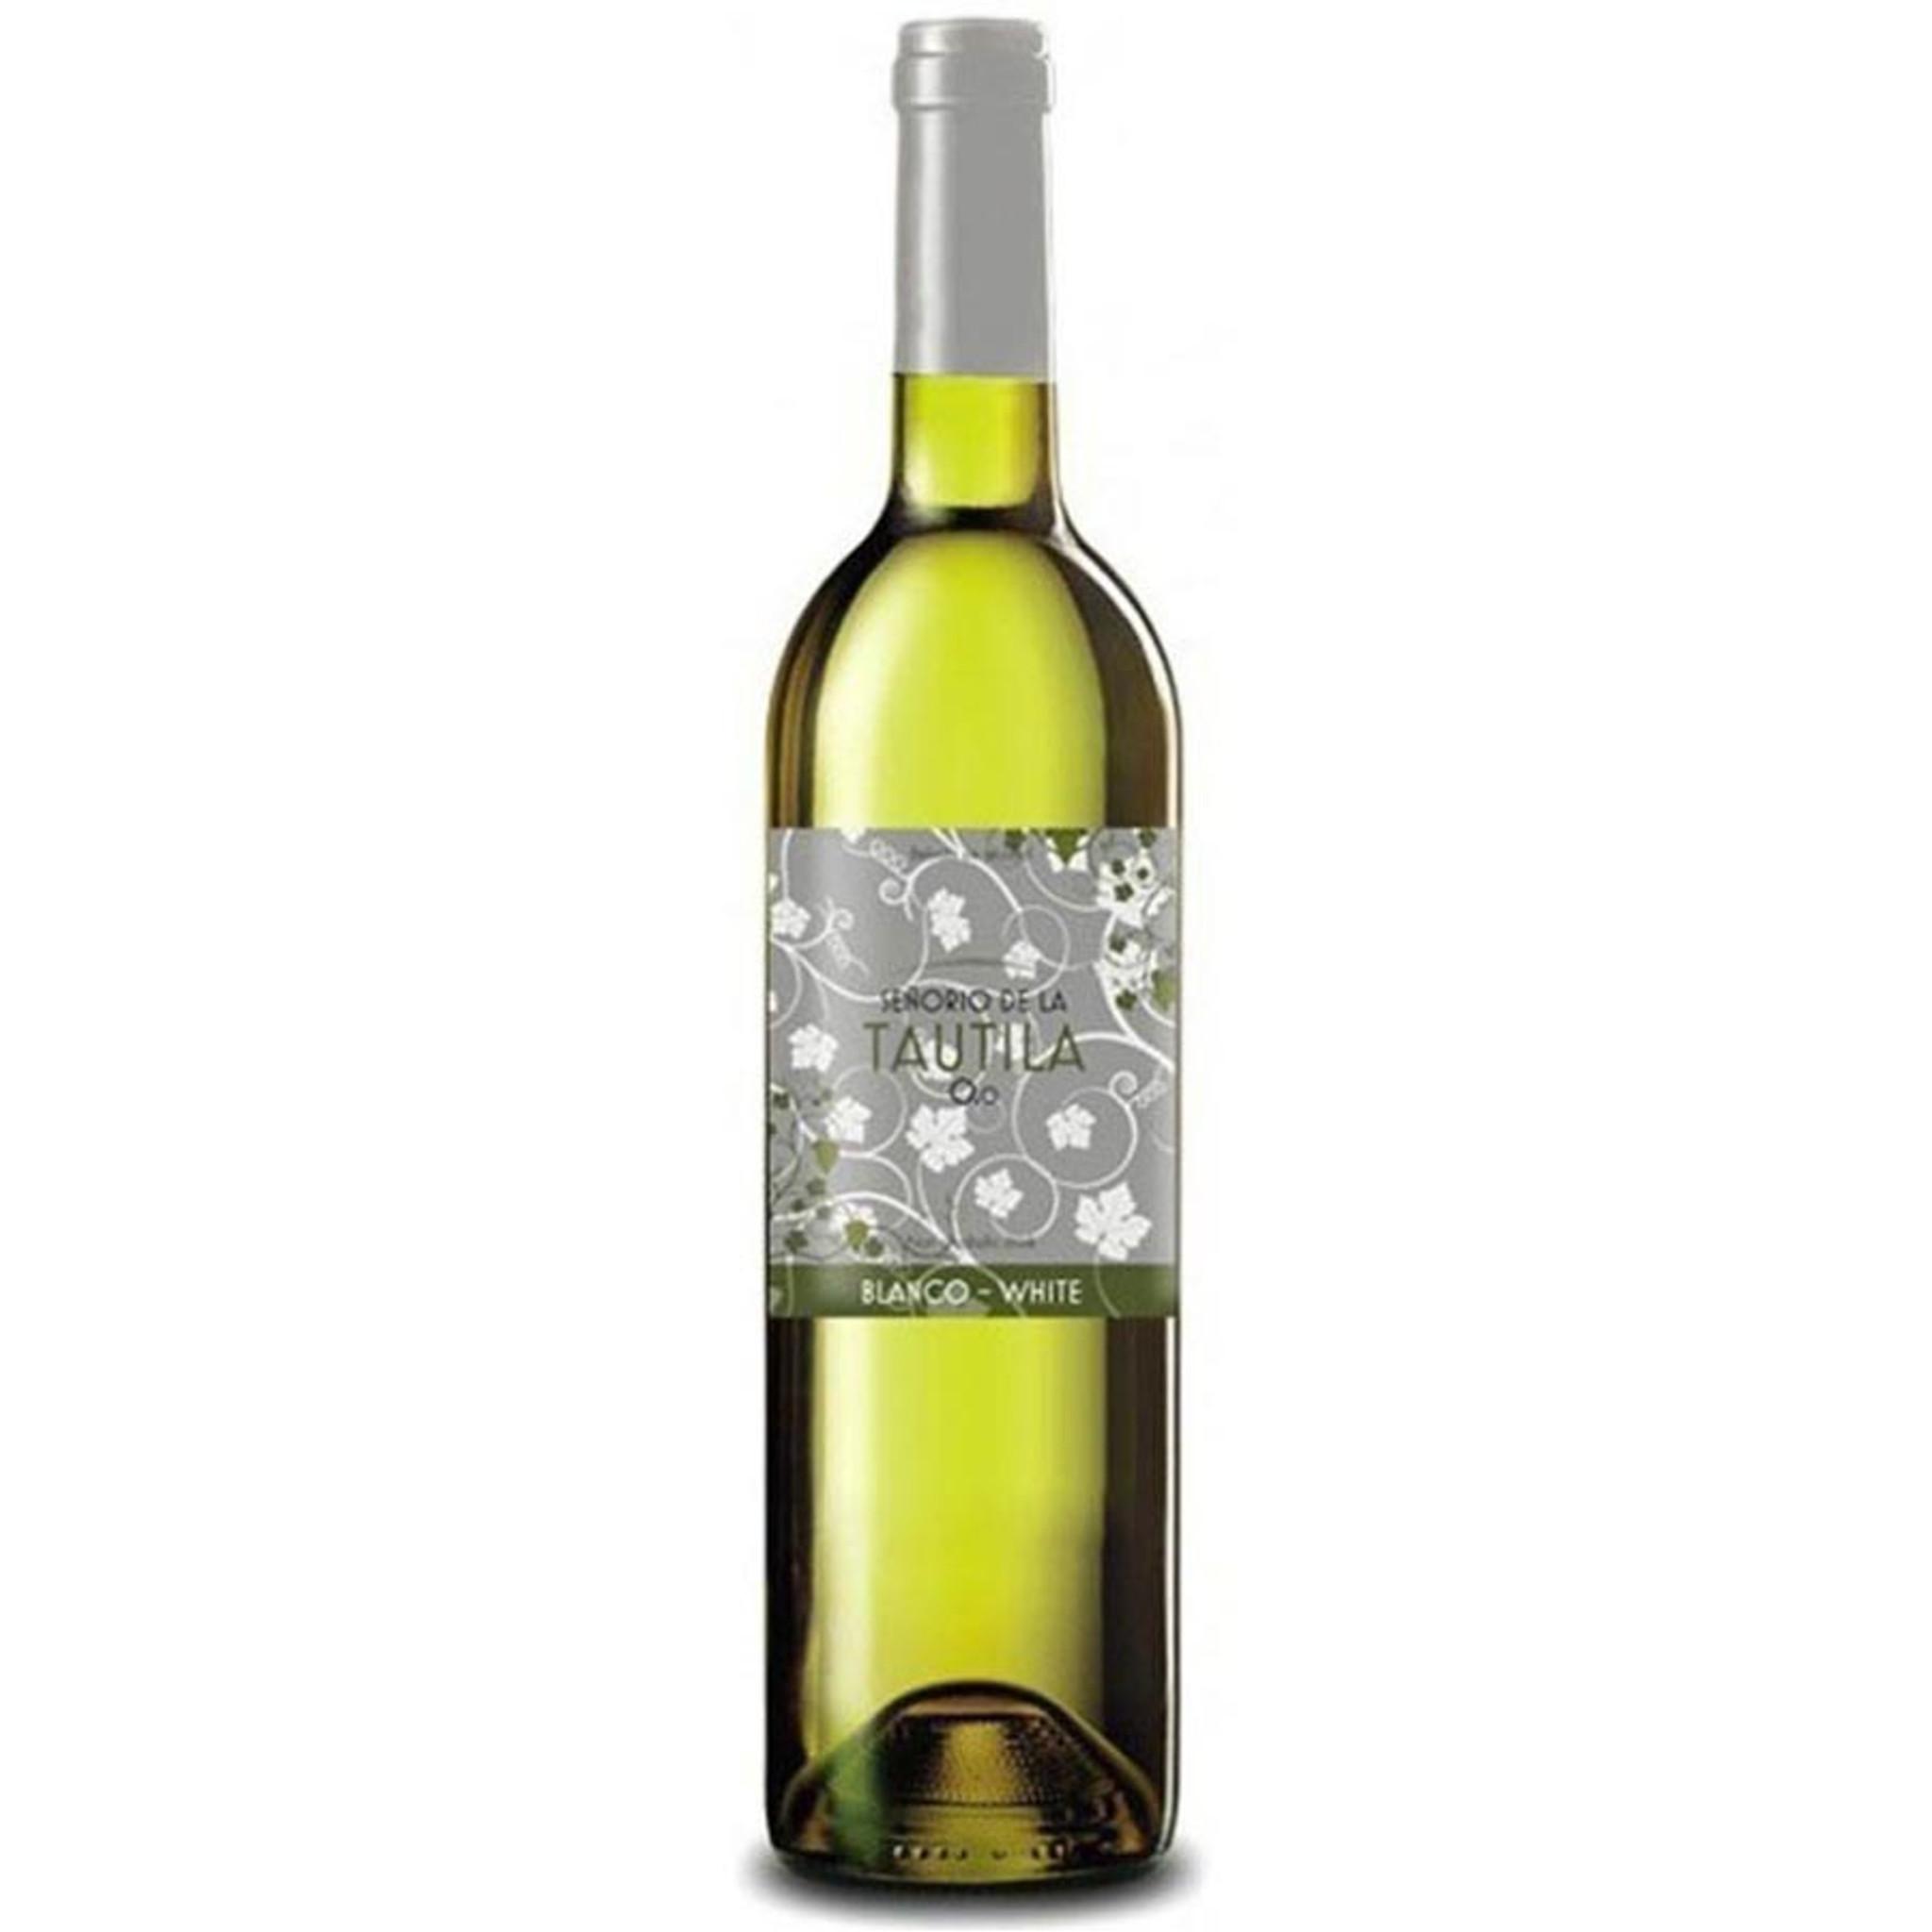 Senorio de la Tautila Blanco Alcohol Free White Wine 750ml